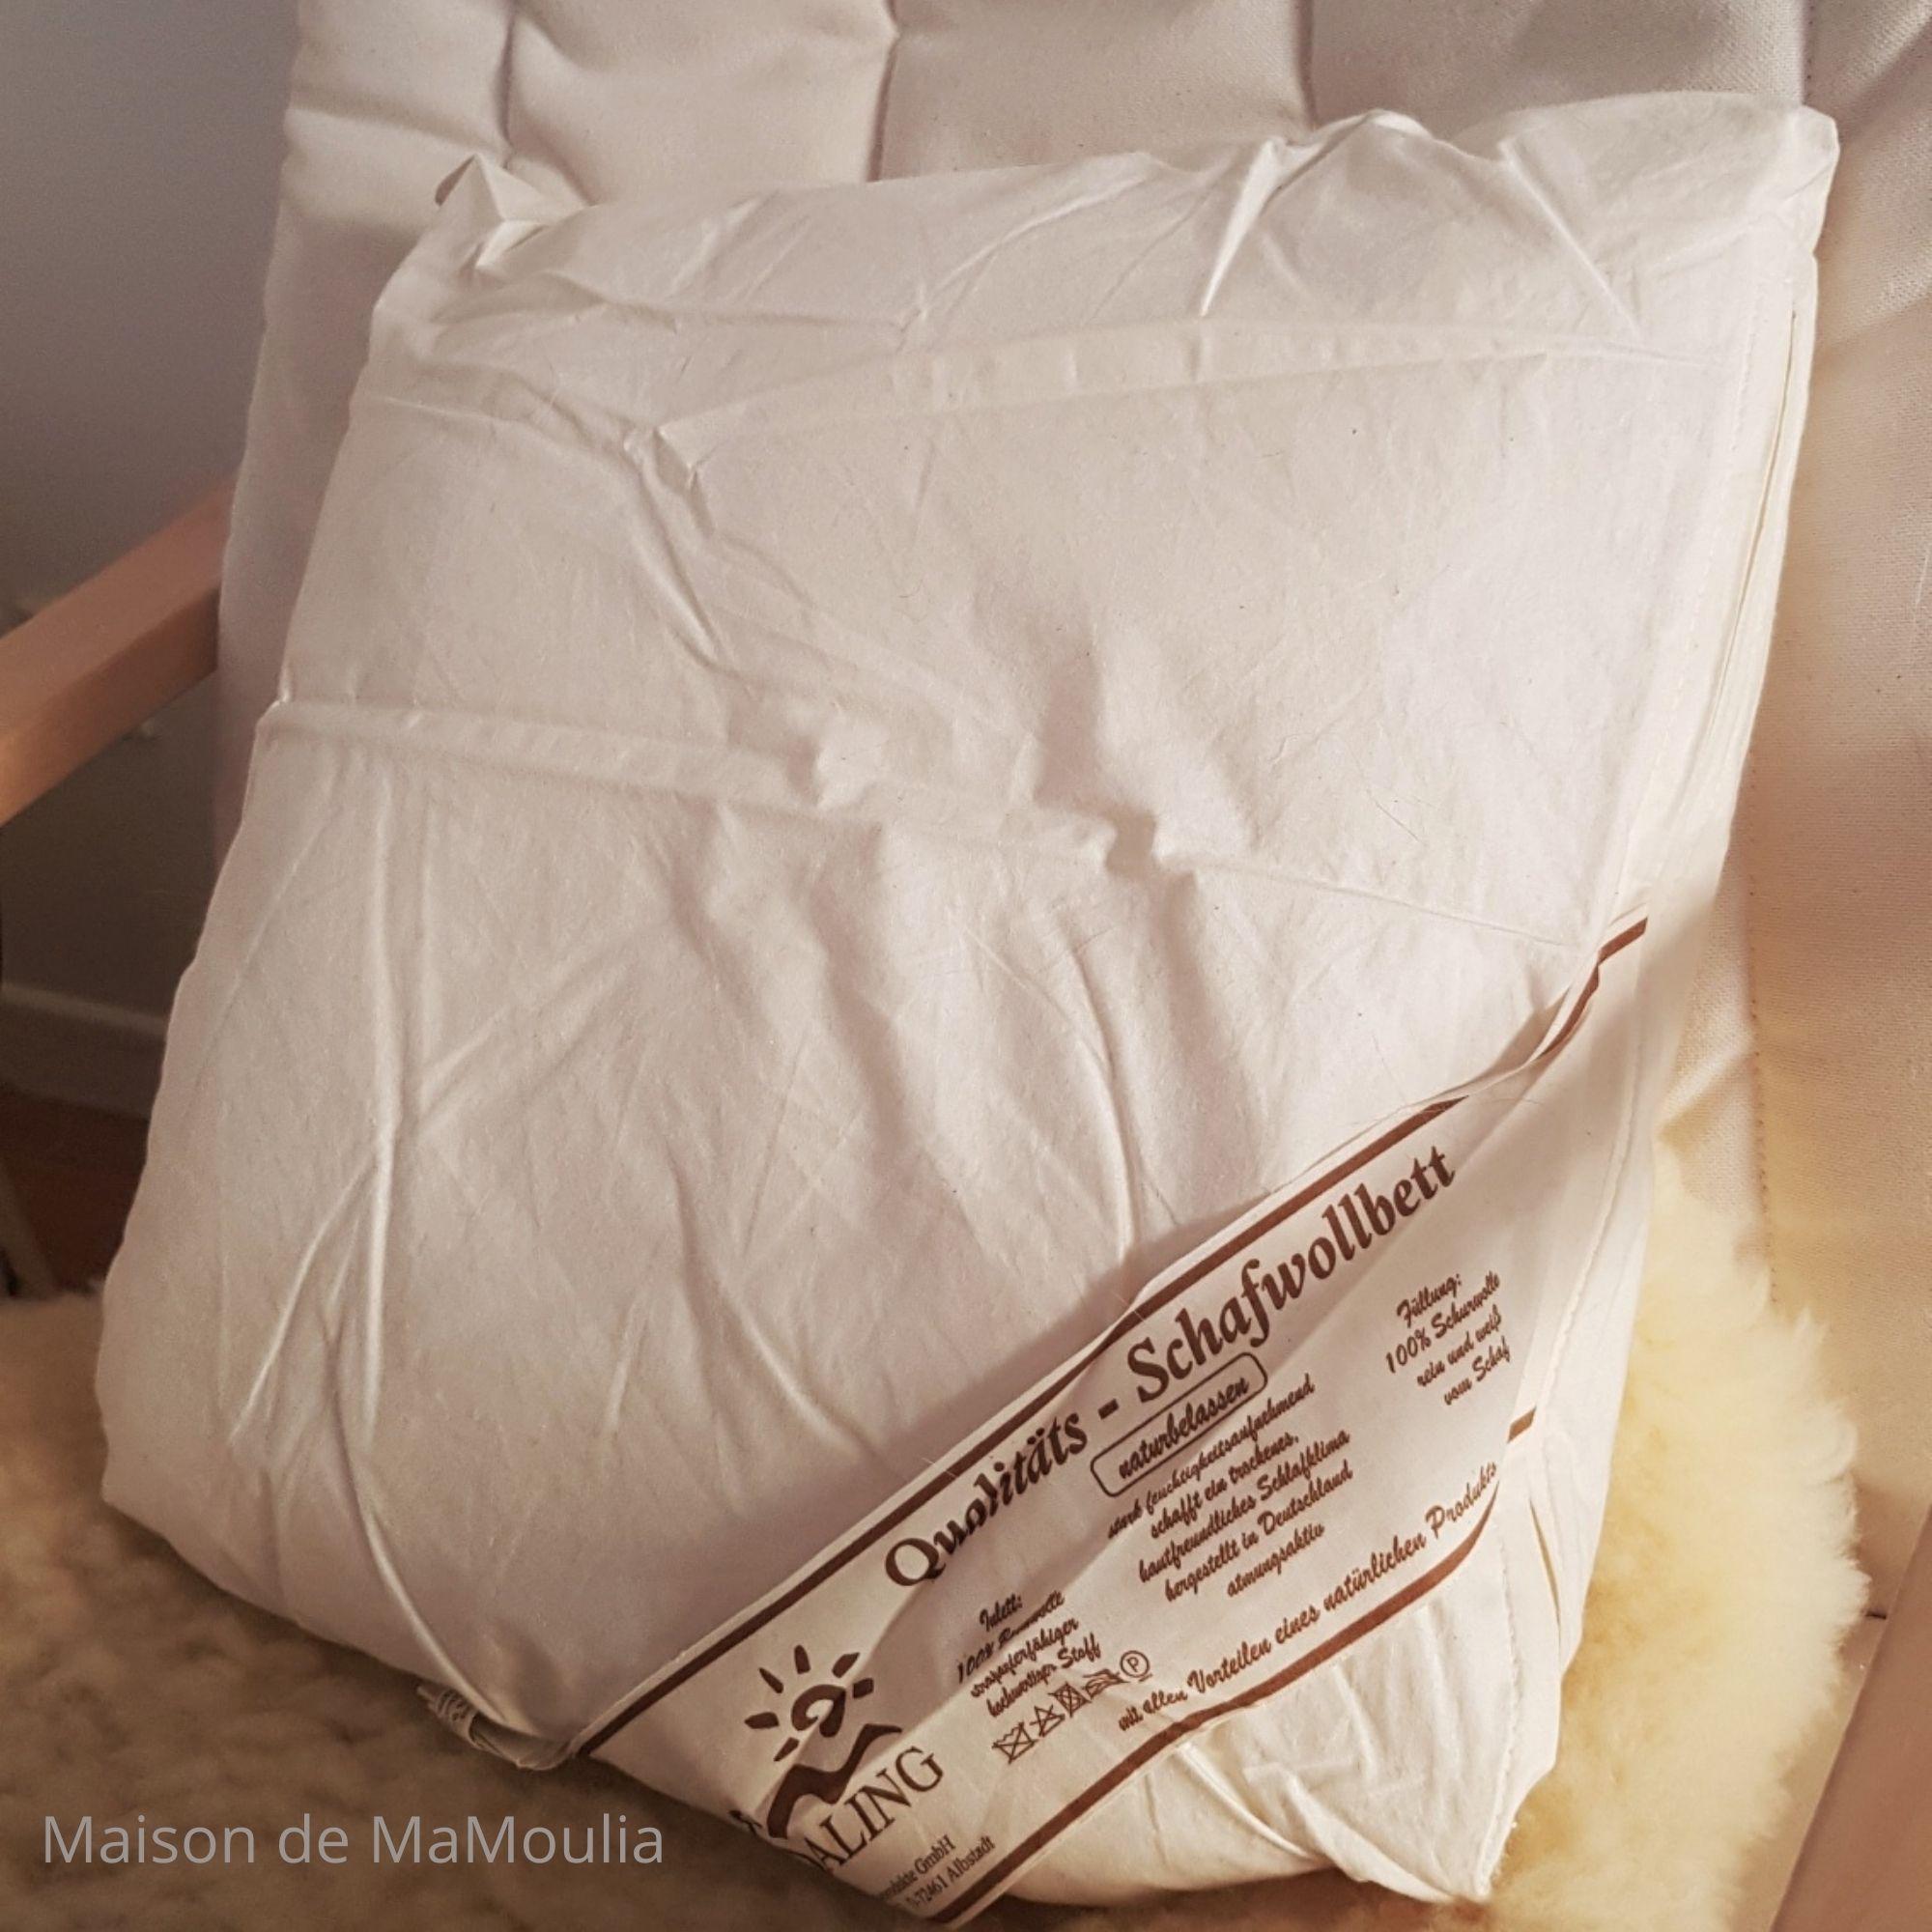 SALING - Oreiller ou coussin - Pure laine - Tailles au choix